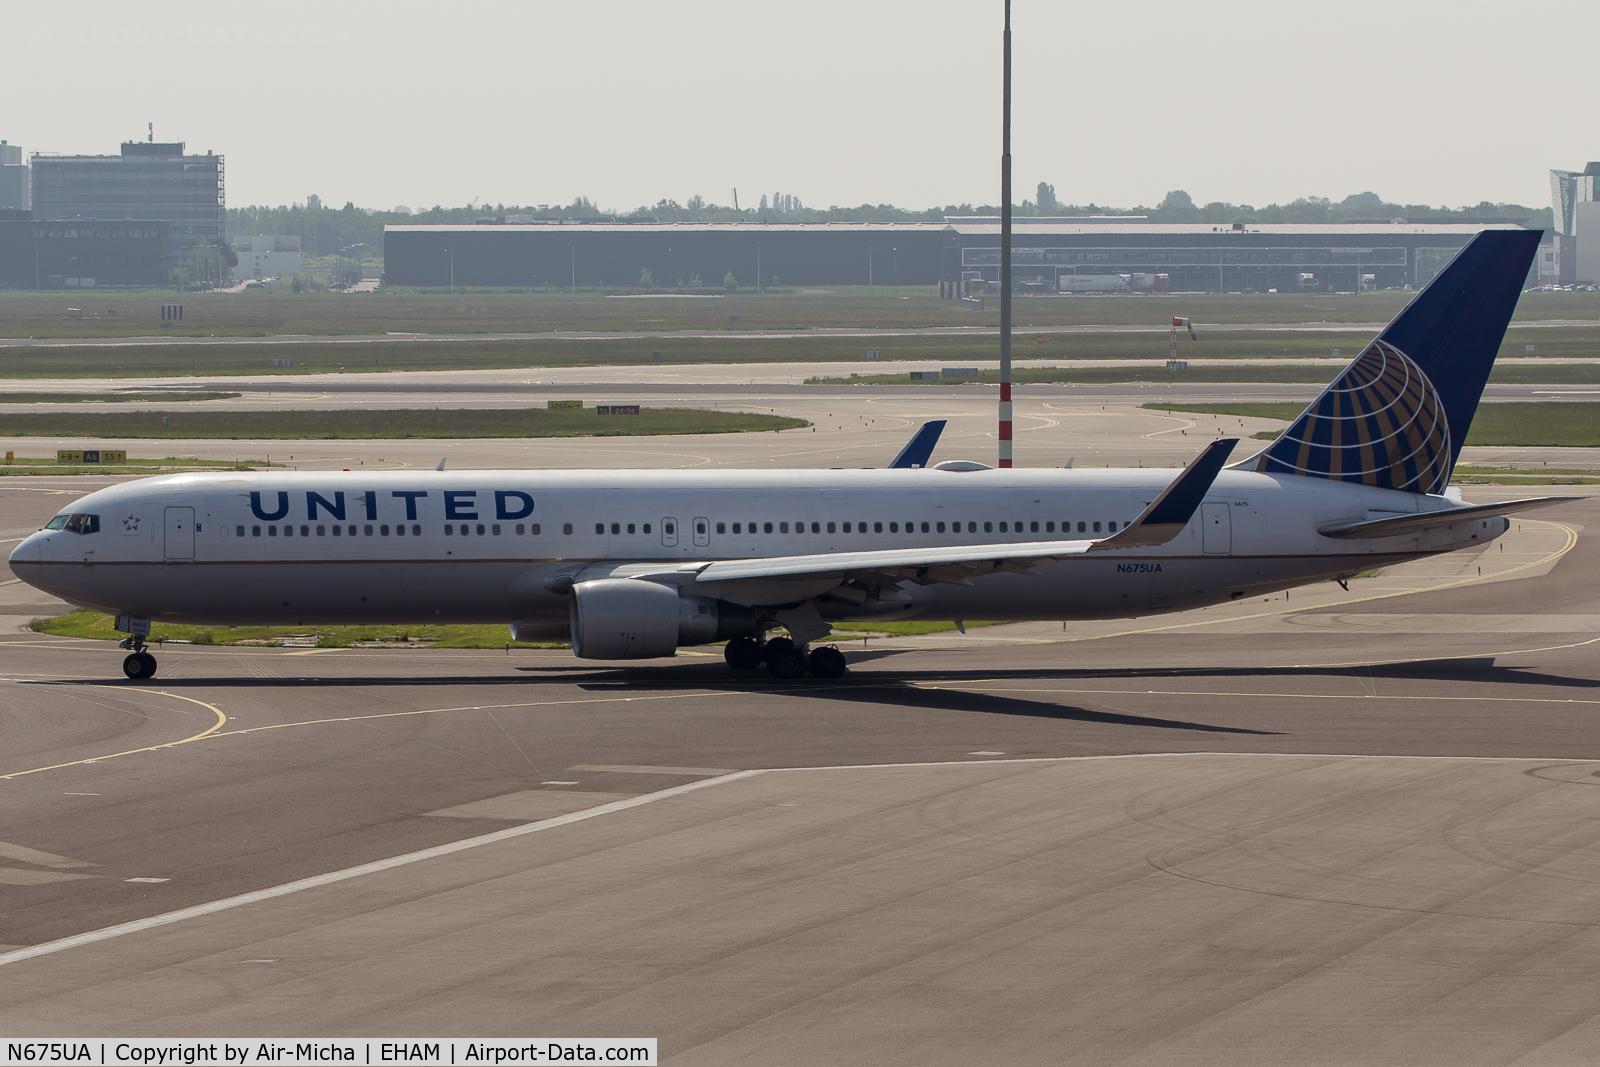 N675UA, 2000 Boeing 767-322 C/N 29243, United Airlines